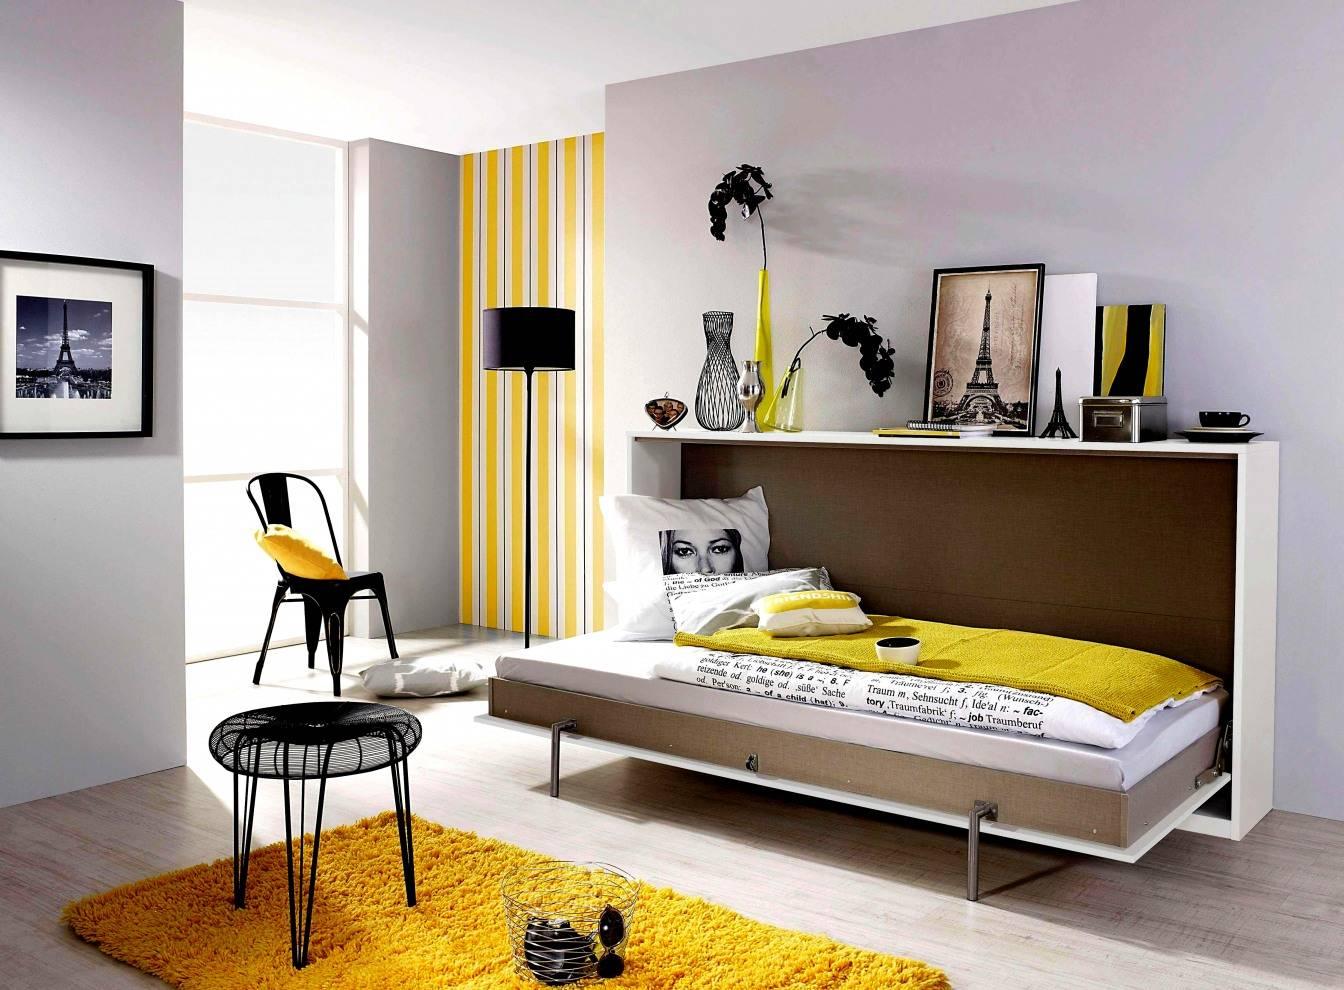 fliesen fur wohnzimmer luxury herrlich hangesessel fur wohnzimmer elegant design podest f c3 bcr of fliesen fur wohnzimmer